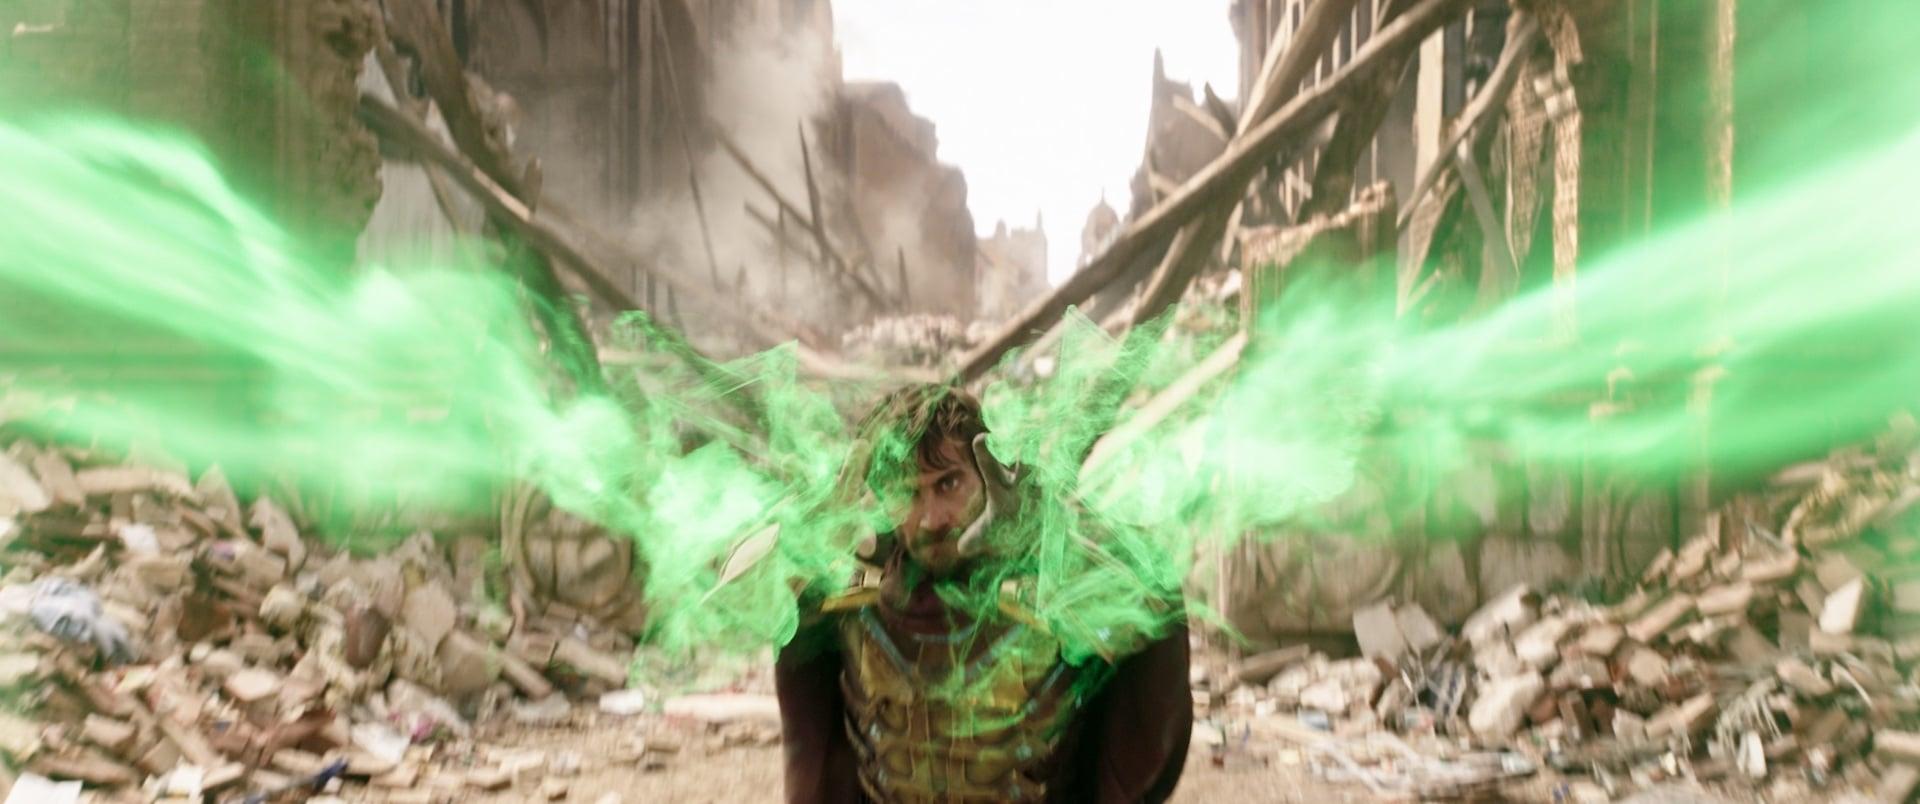 『スパイダーマン:ファー・フロム・ホーム』がソニー歴代2位の興収を記録!前作越えも達成 film190730spiderman-farfromhome_3-1920x804